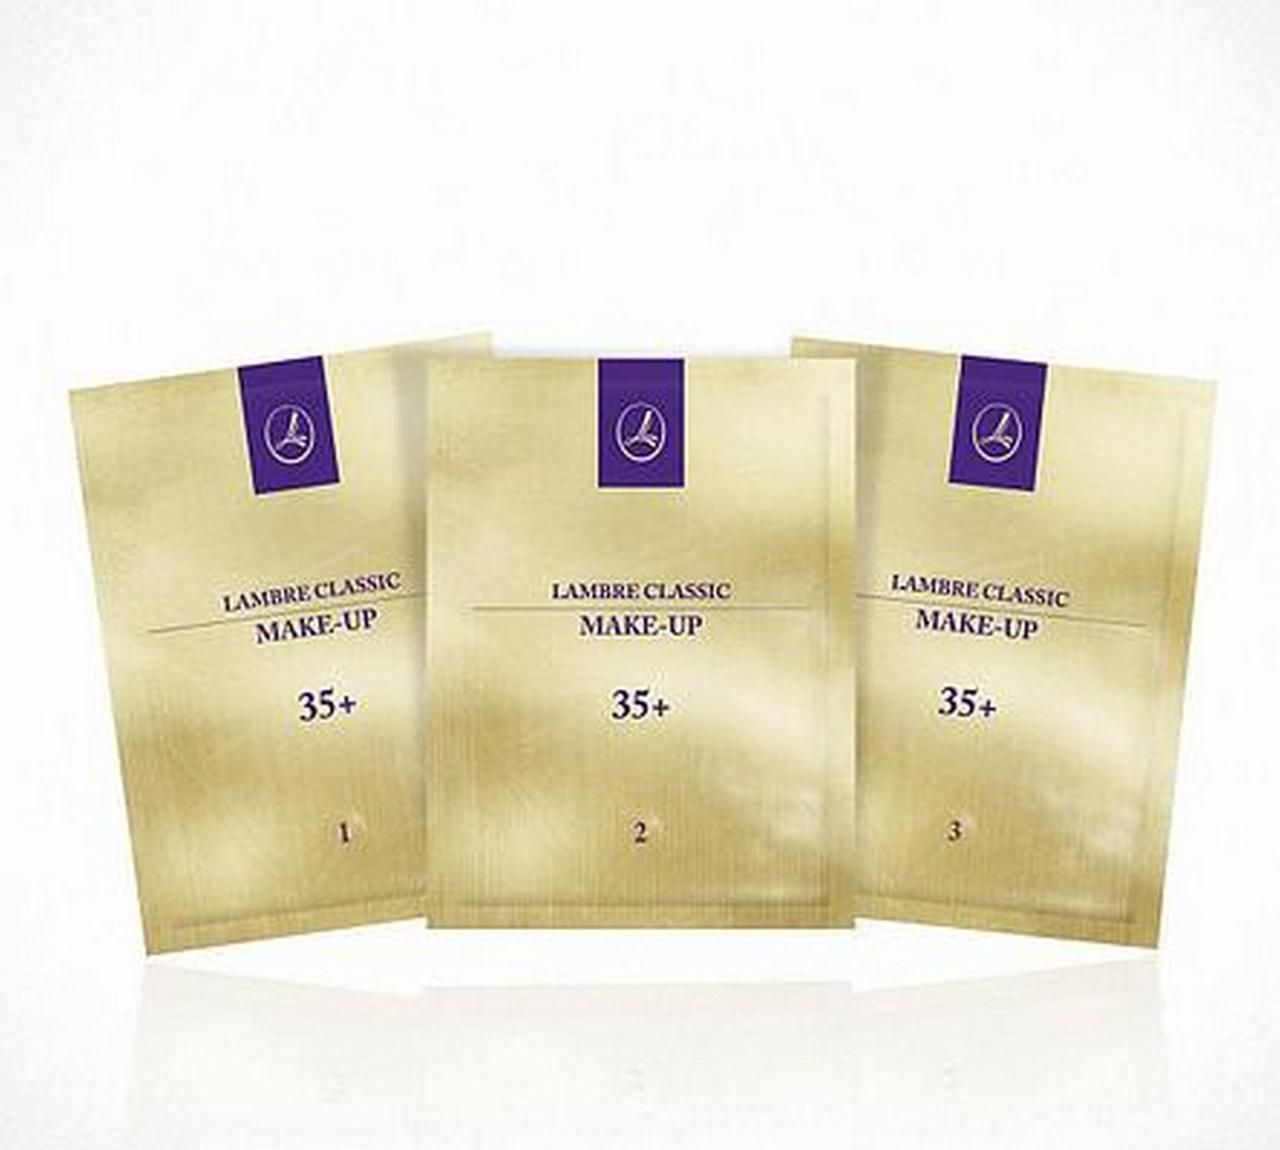 ТЕСТЕР Тональная основа с гиалуроновой кислотой (эффект лифтинга) Make-up Gold 35+ №2 Розово-бежевый 2мл